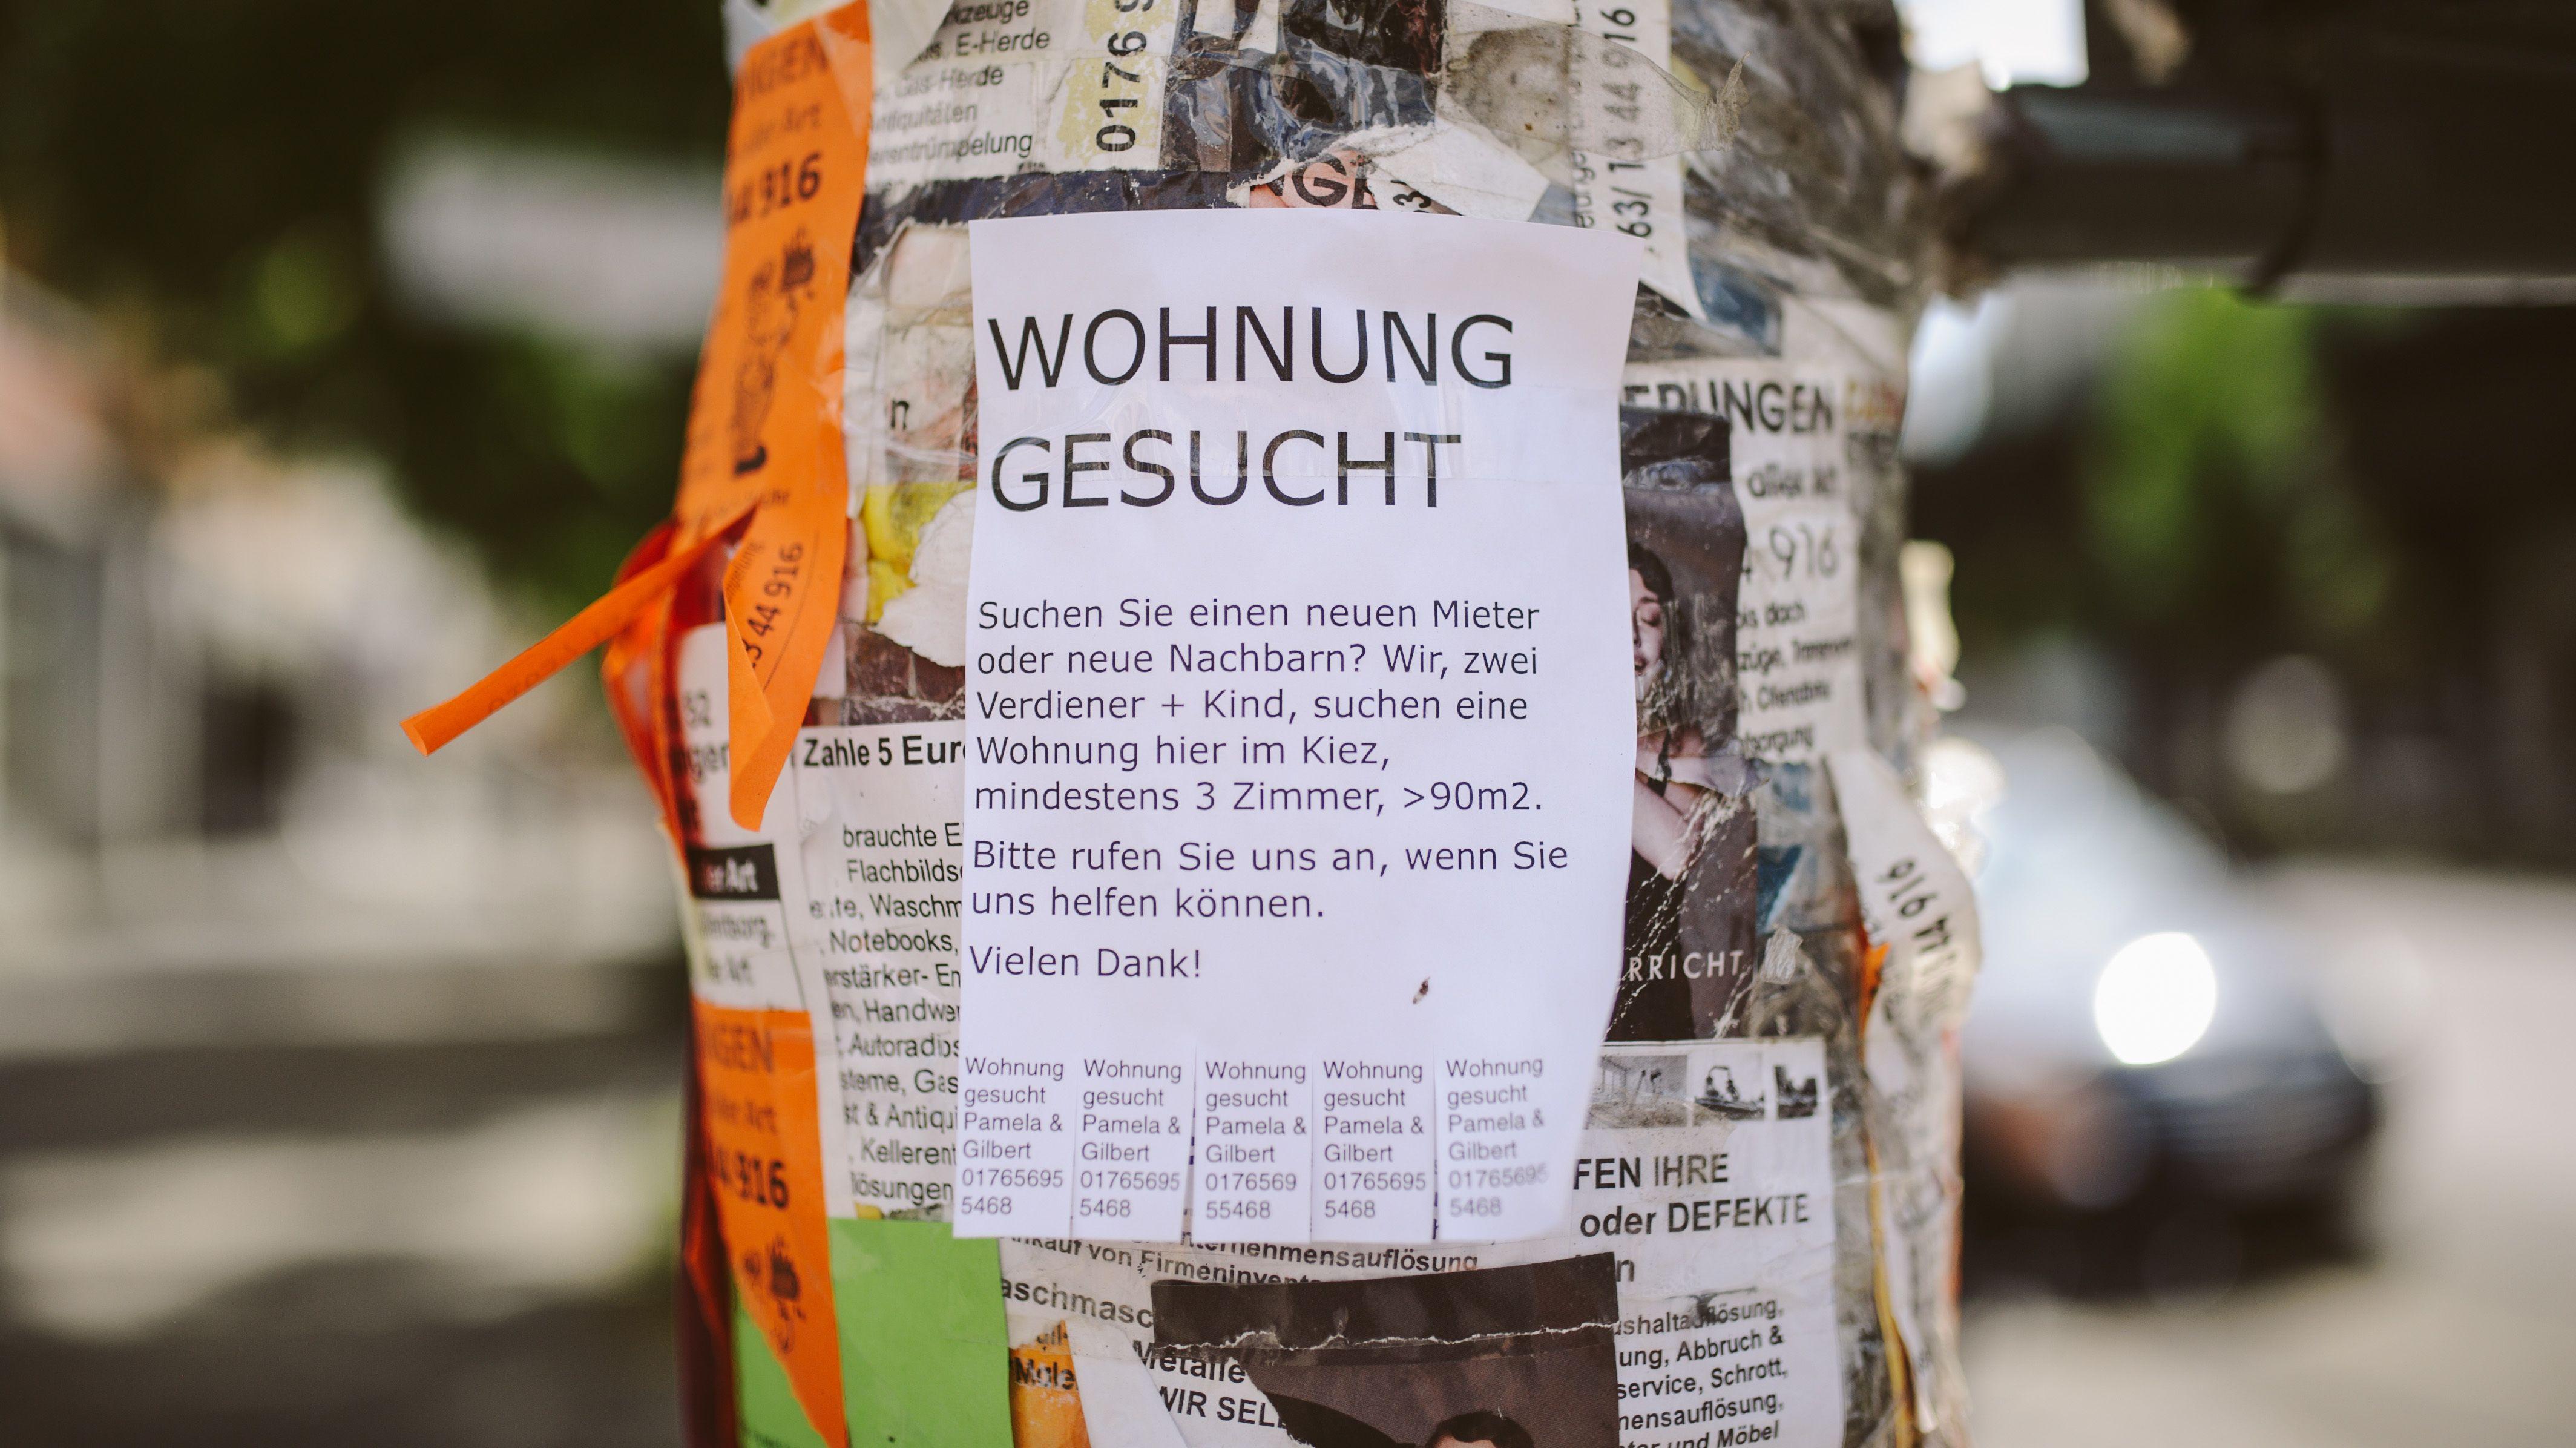 Wohnungsgesuch hängt an einem Laternenmast in Berlin